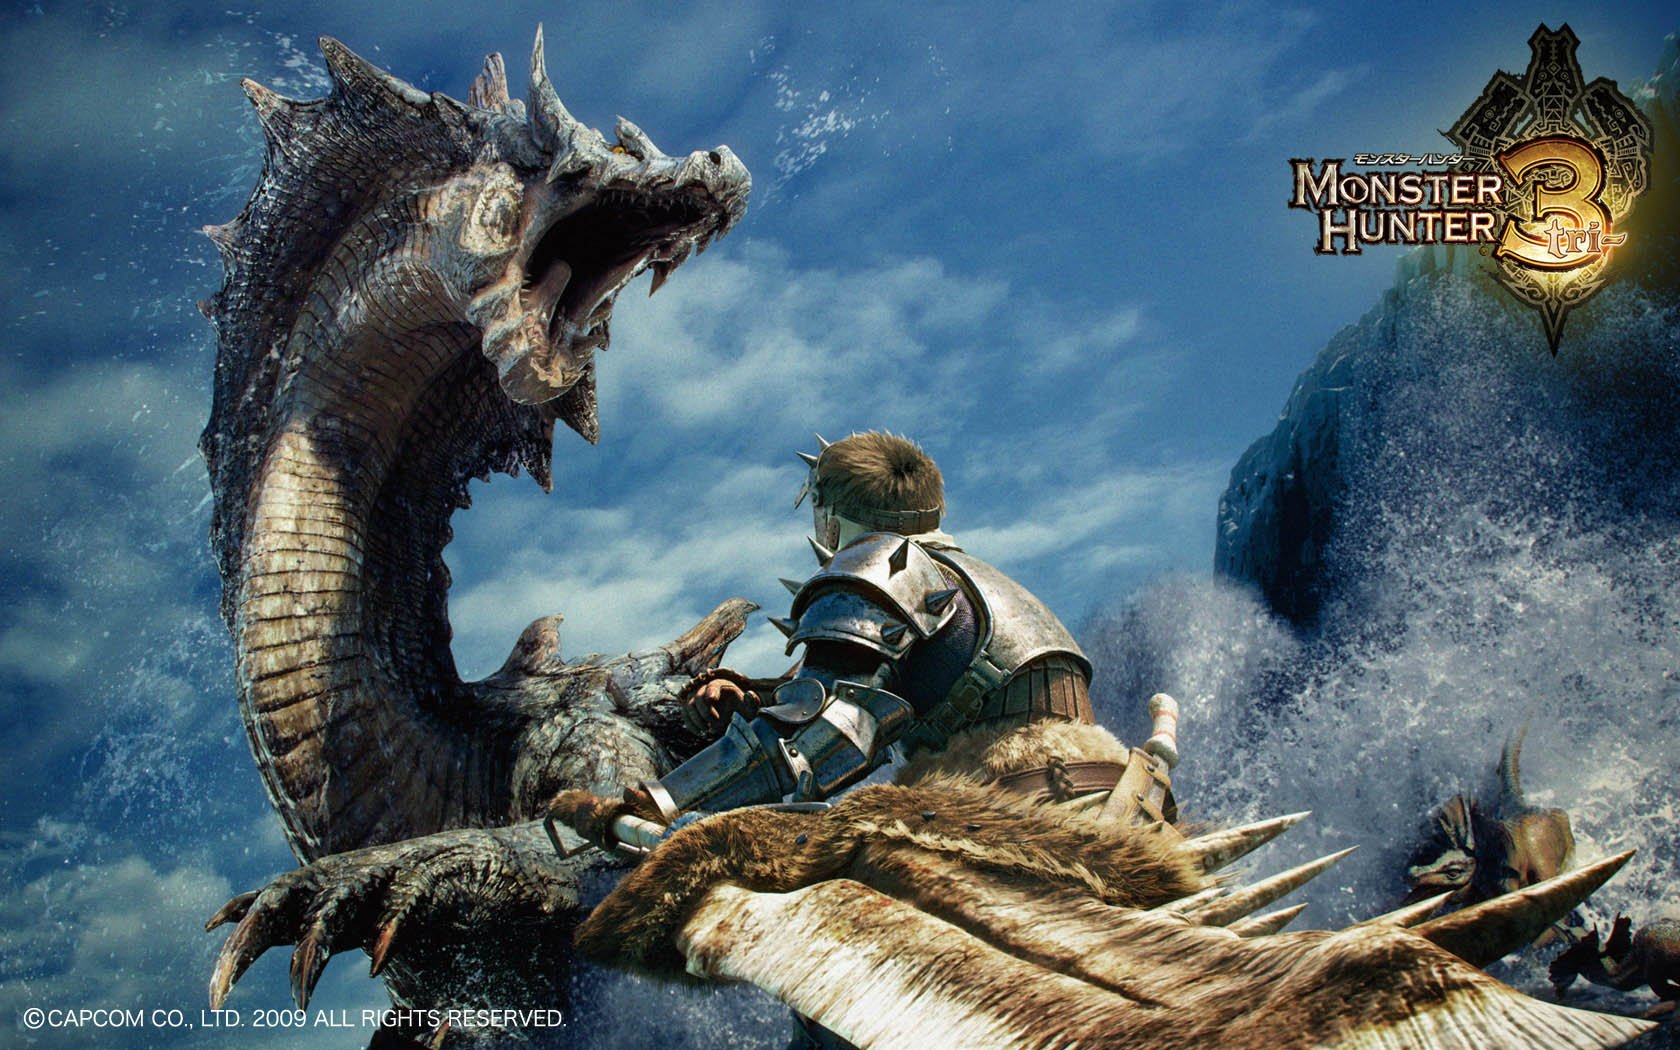 Free Download Monster Hunter Wallpaper 1680x1050 Monster Hunter 3